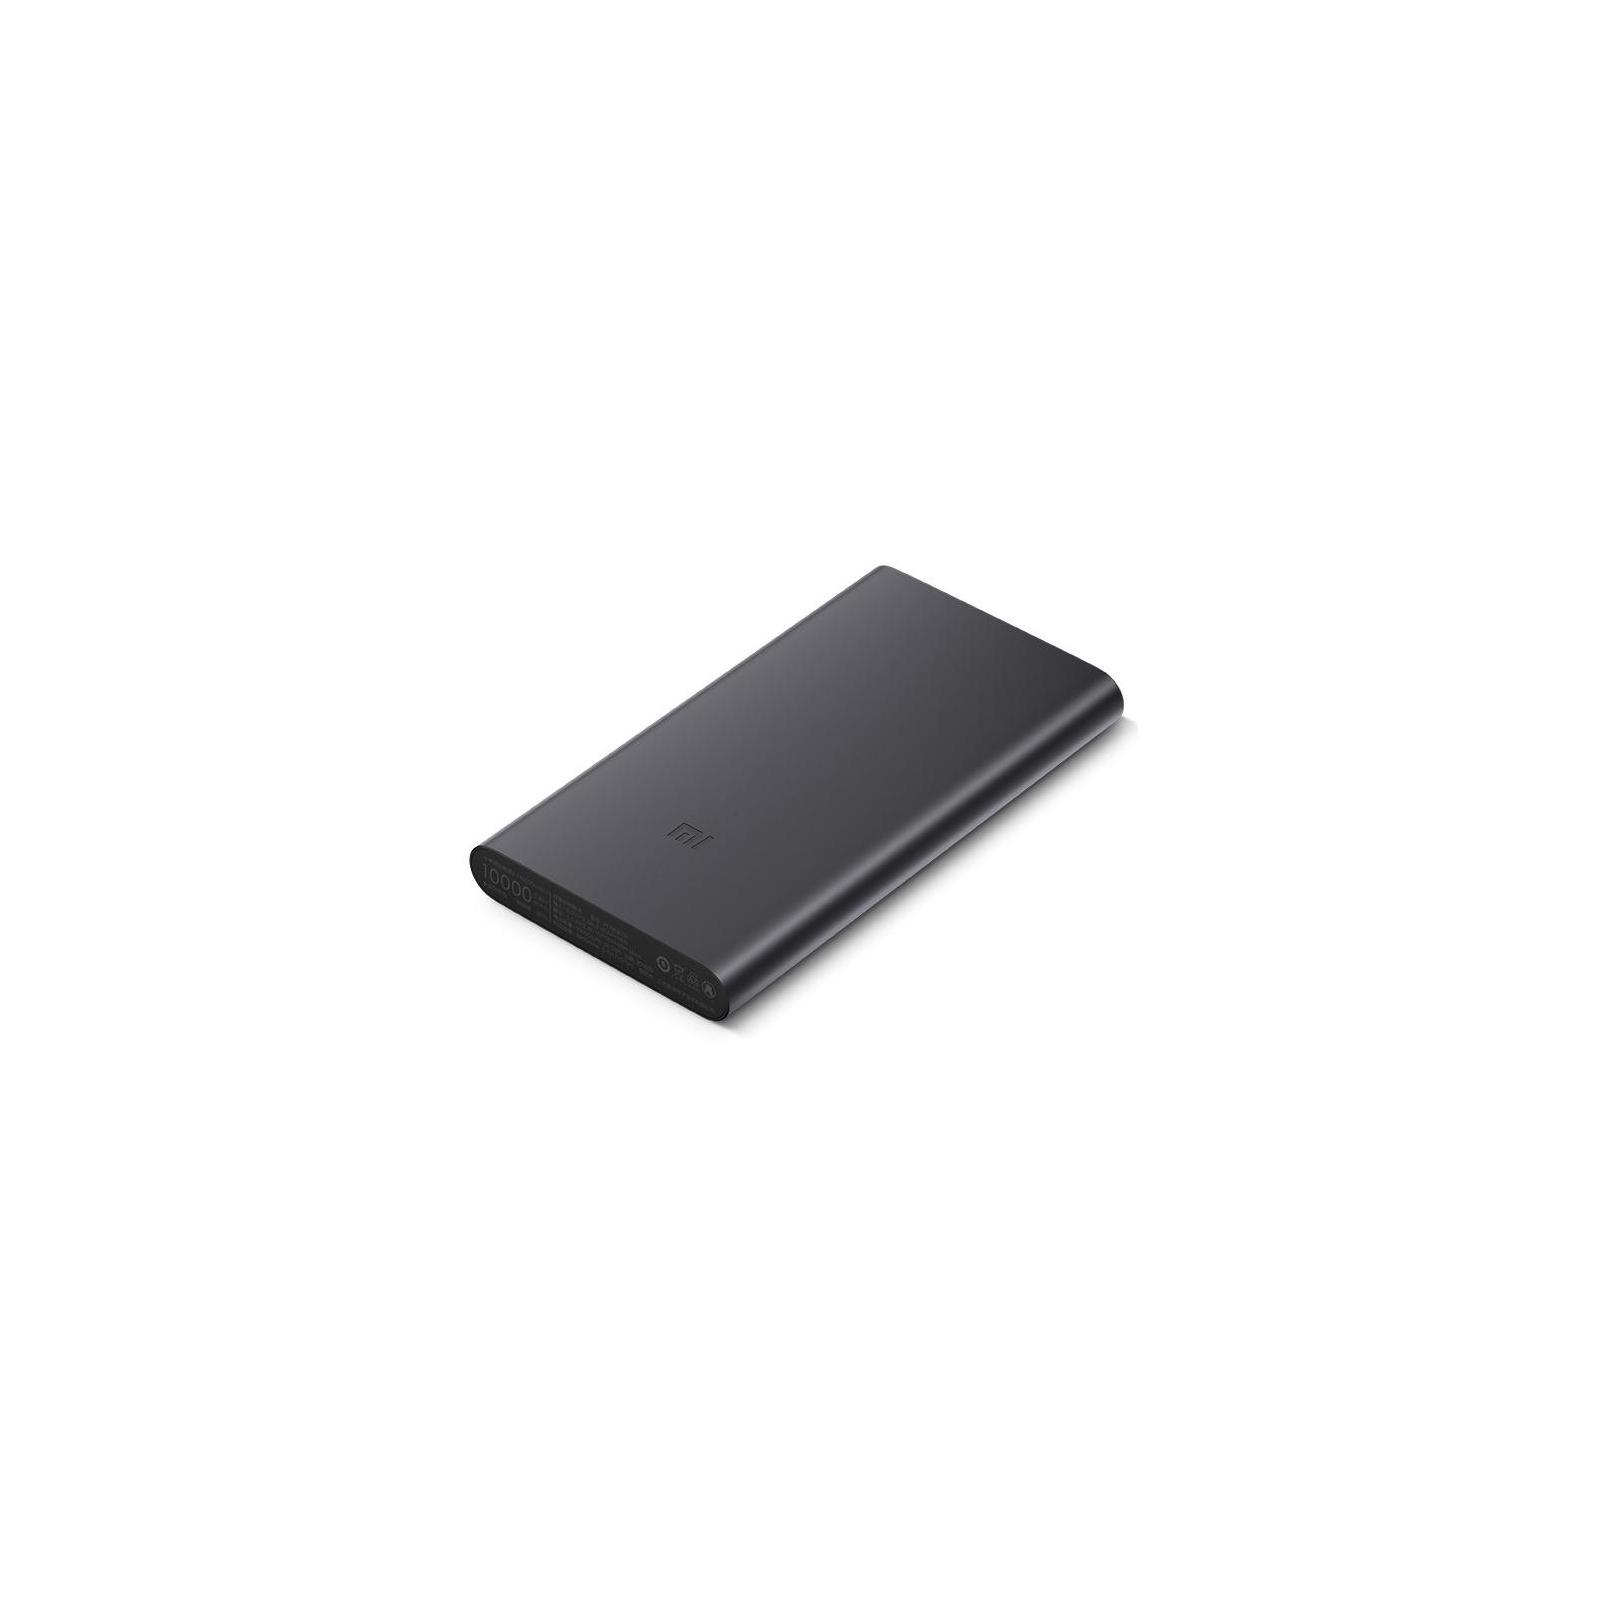 Батарея универсальная Xiaomi Mi Power Bank 2S 10000 mAh QC2.0(2.4A,2USB) (PLM09ZM) Black (VXN4229CN / VXN4230GL) изображение 2